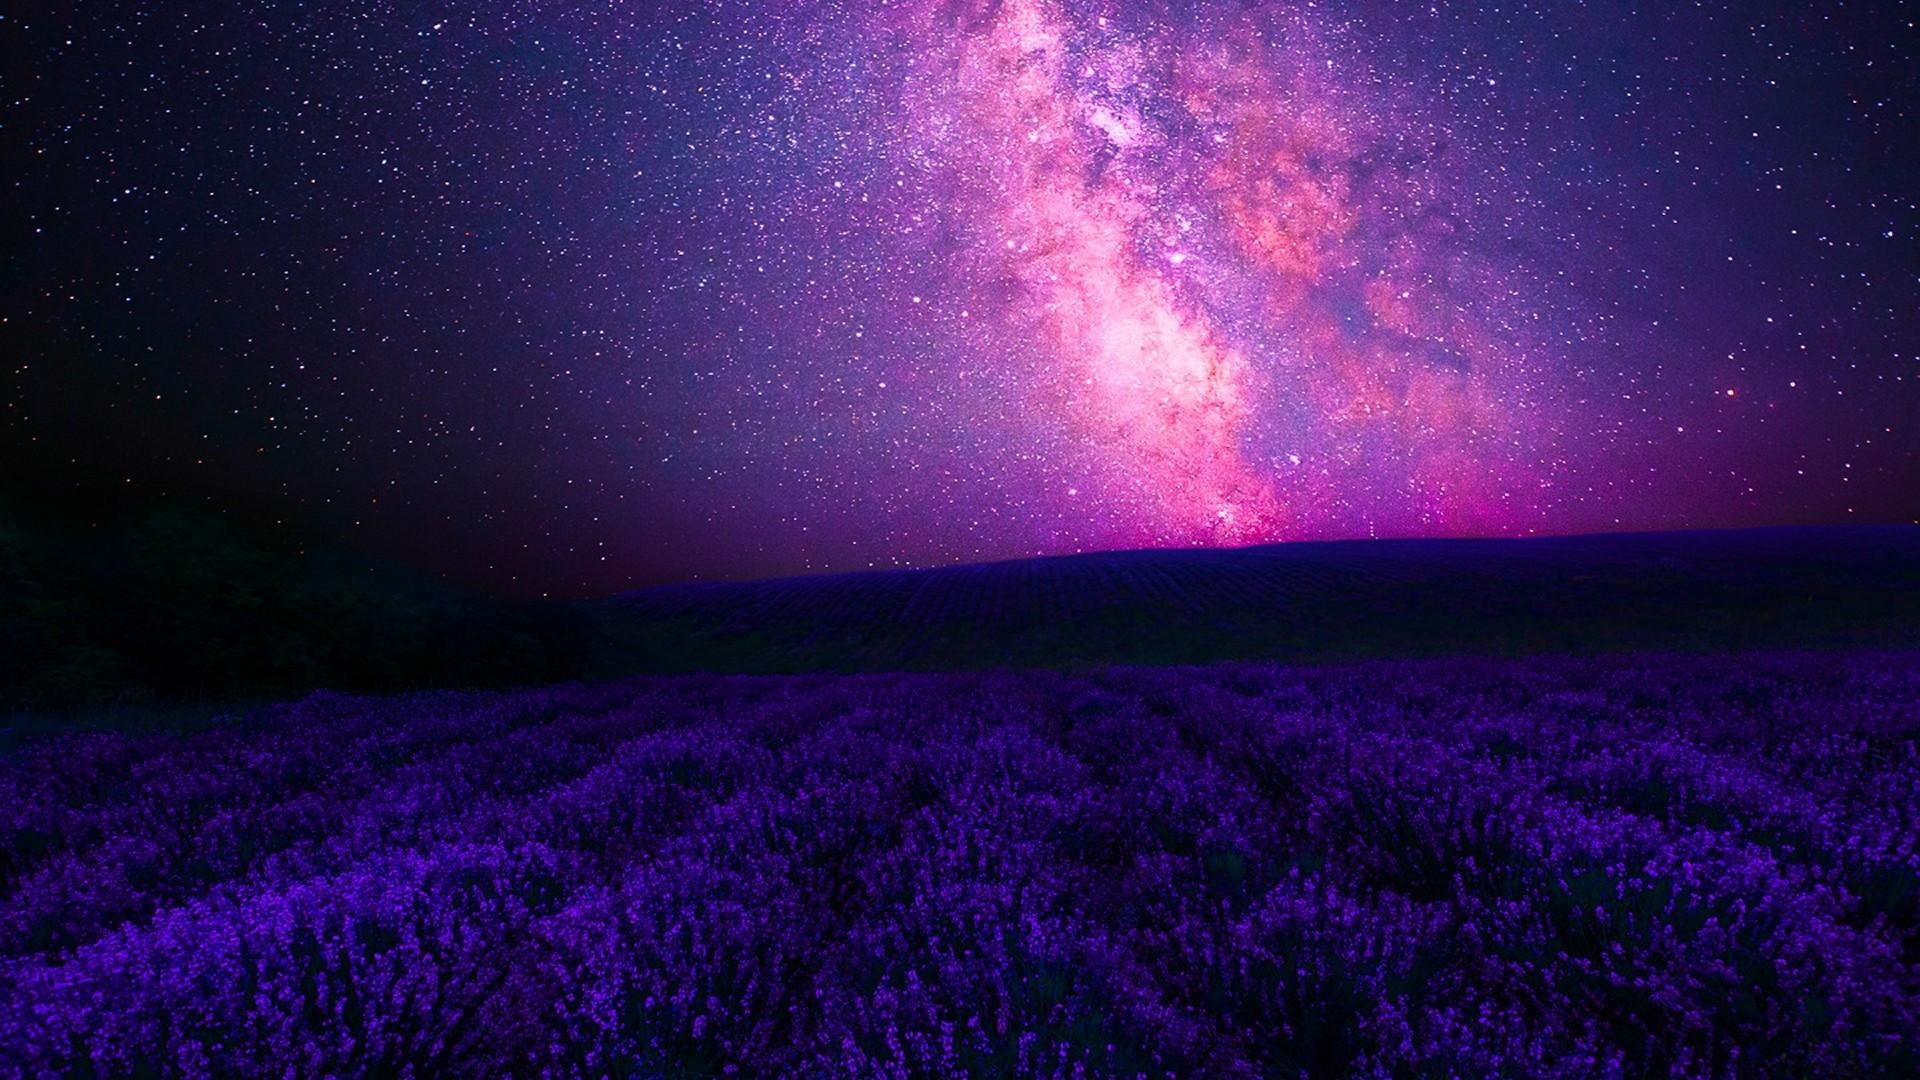 Purple Sky a wallpaper